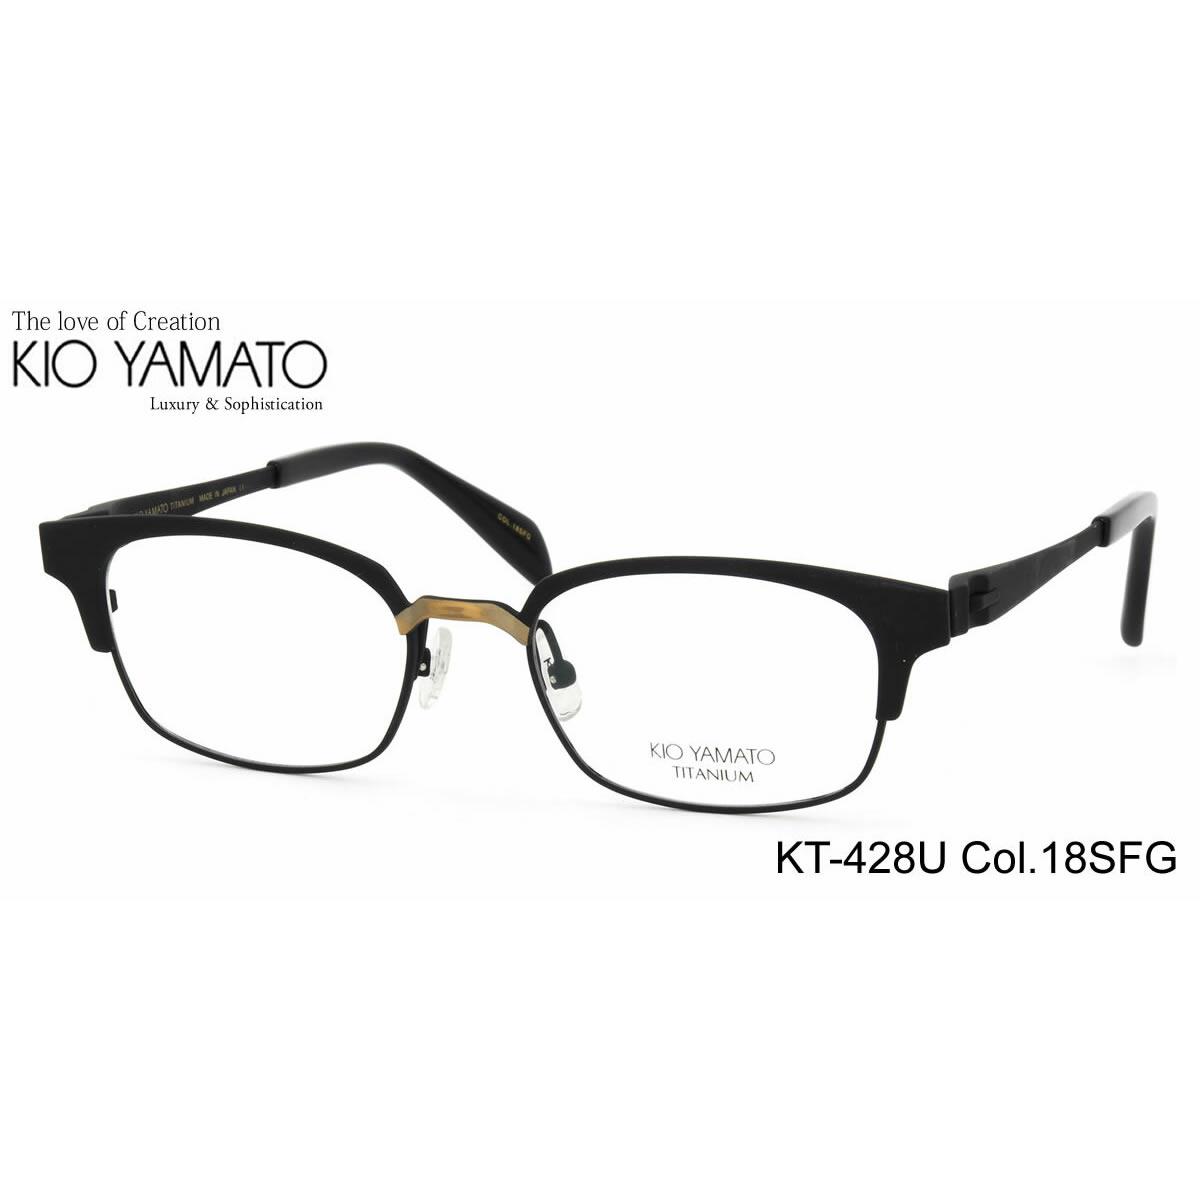 ほぼ全品ポイント15倍~20倍+15倍+2倍 【KIO YAMATO メガネ】キオヤマト メガネフレーム KT428U 18SFG 52【あす楽対応】